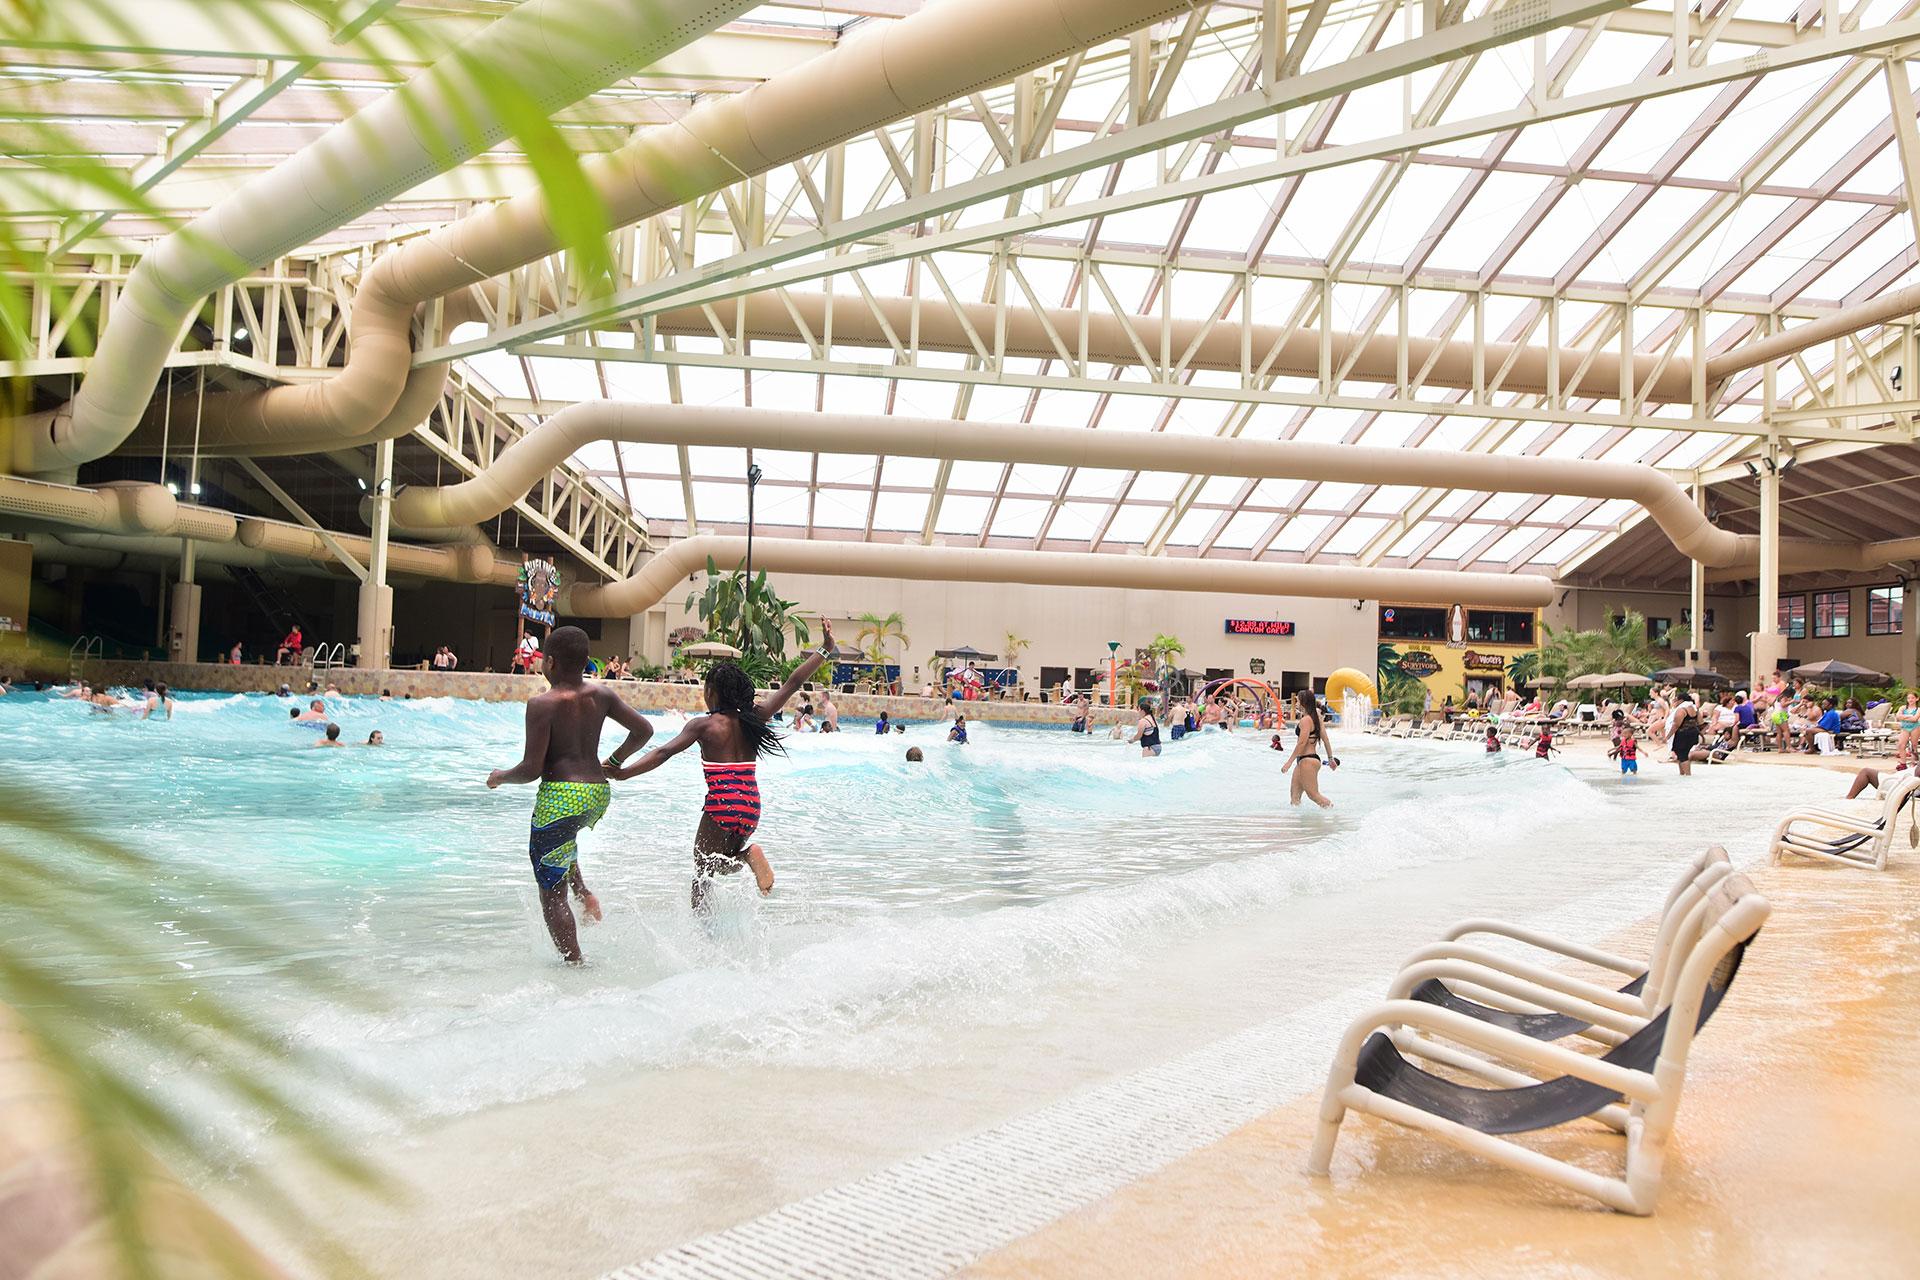 Indoor Water Park at Wilderness Resort in Wisconsin Dells